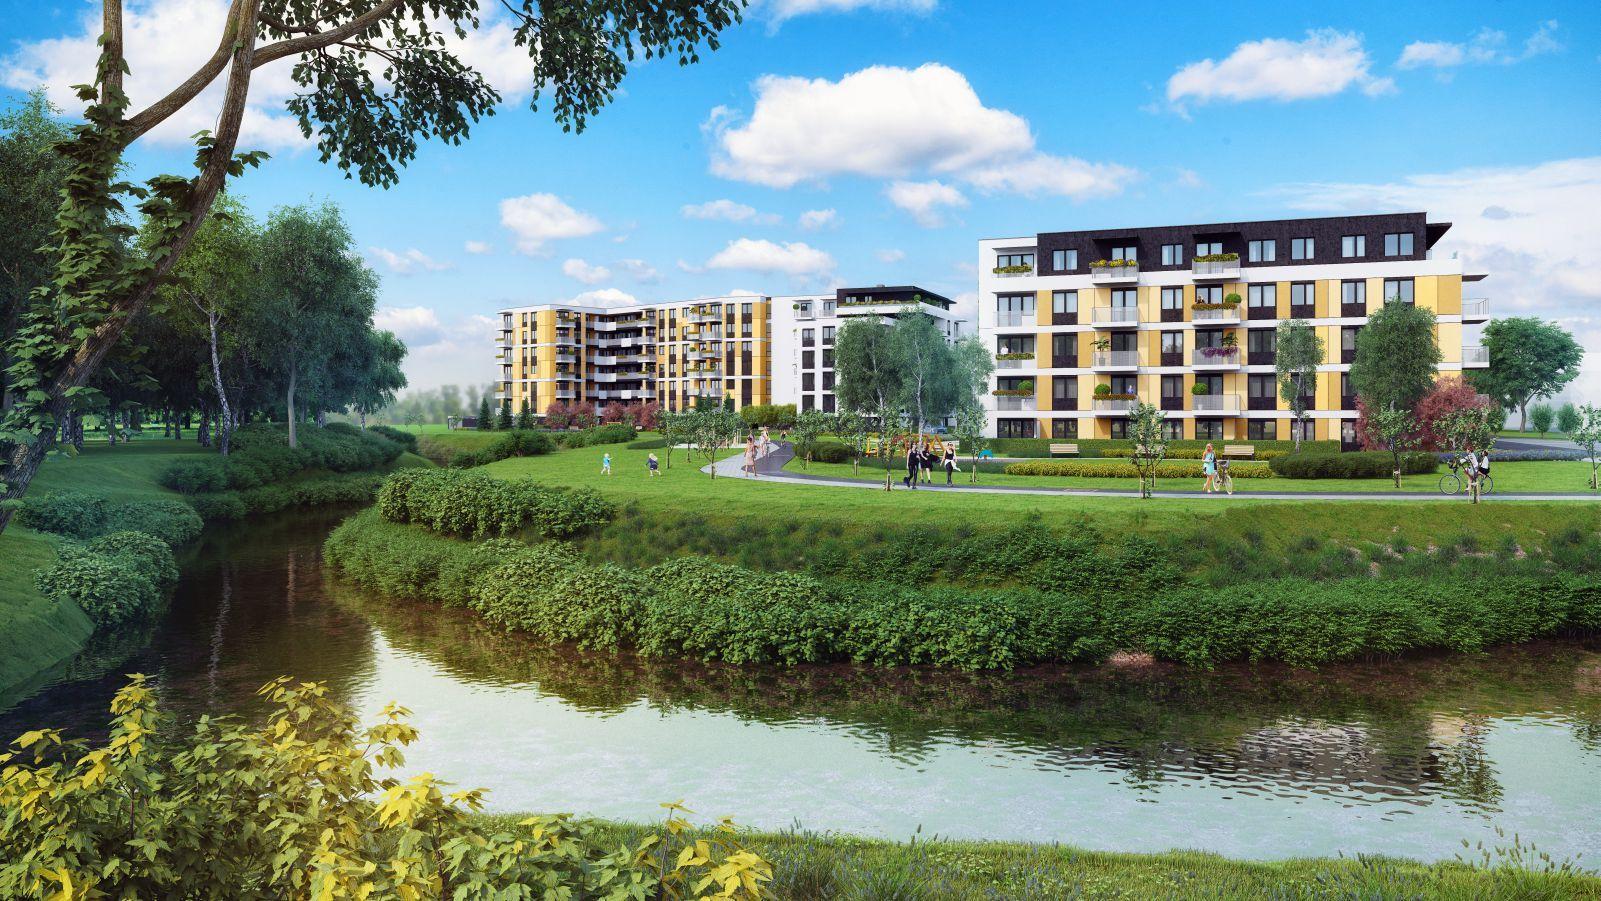 Dlaczego warto kupić mieszkanie z rynku pierwotnego w Krakowie?